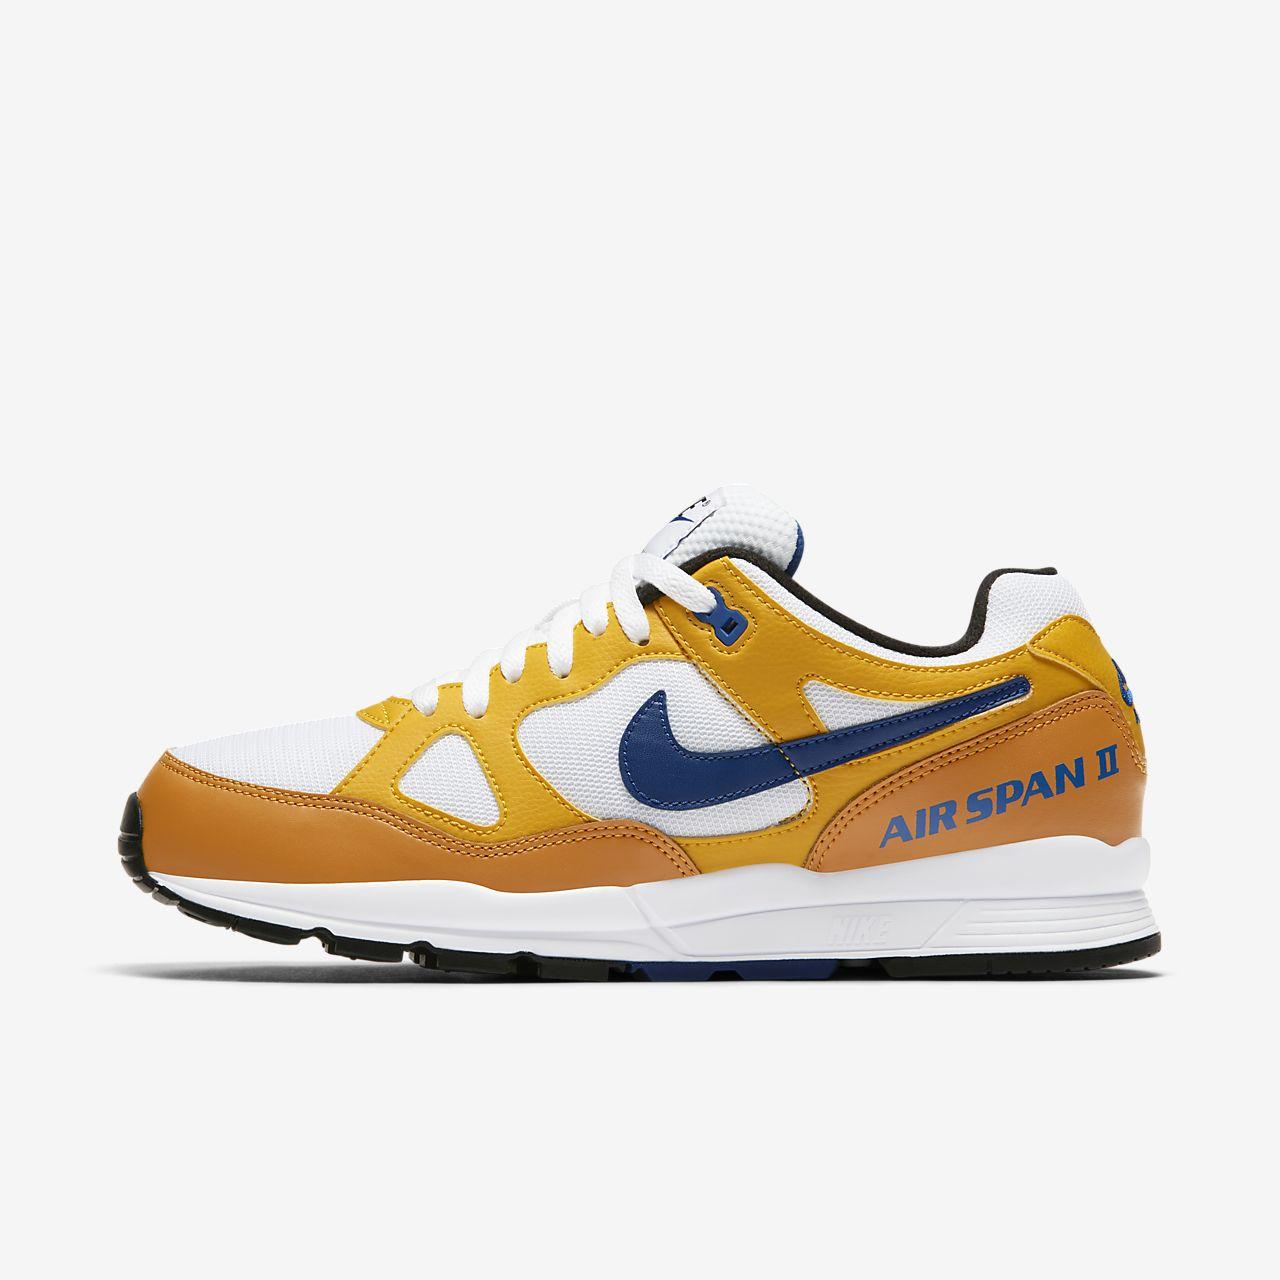 Nike Air Span II Erkek Ayakkabısı